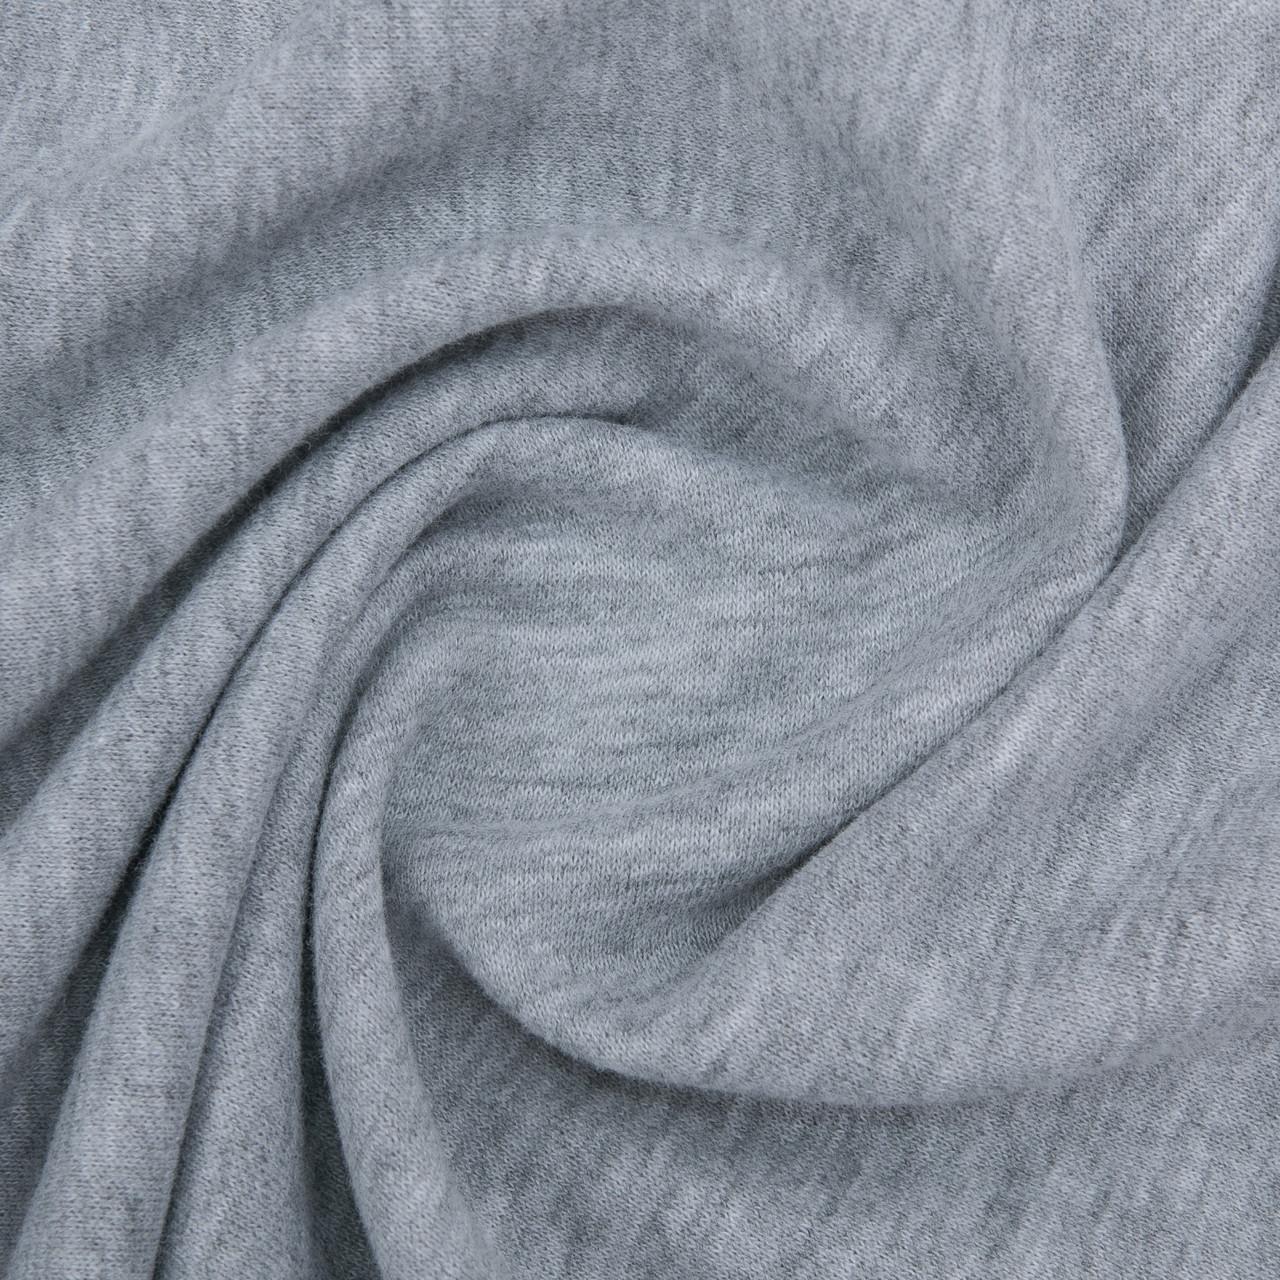 Ткань трикотажная Футер Петля. Серый. Купить оптом в Украине, от рулона